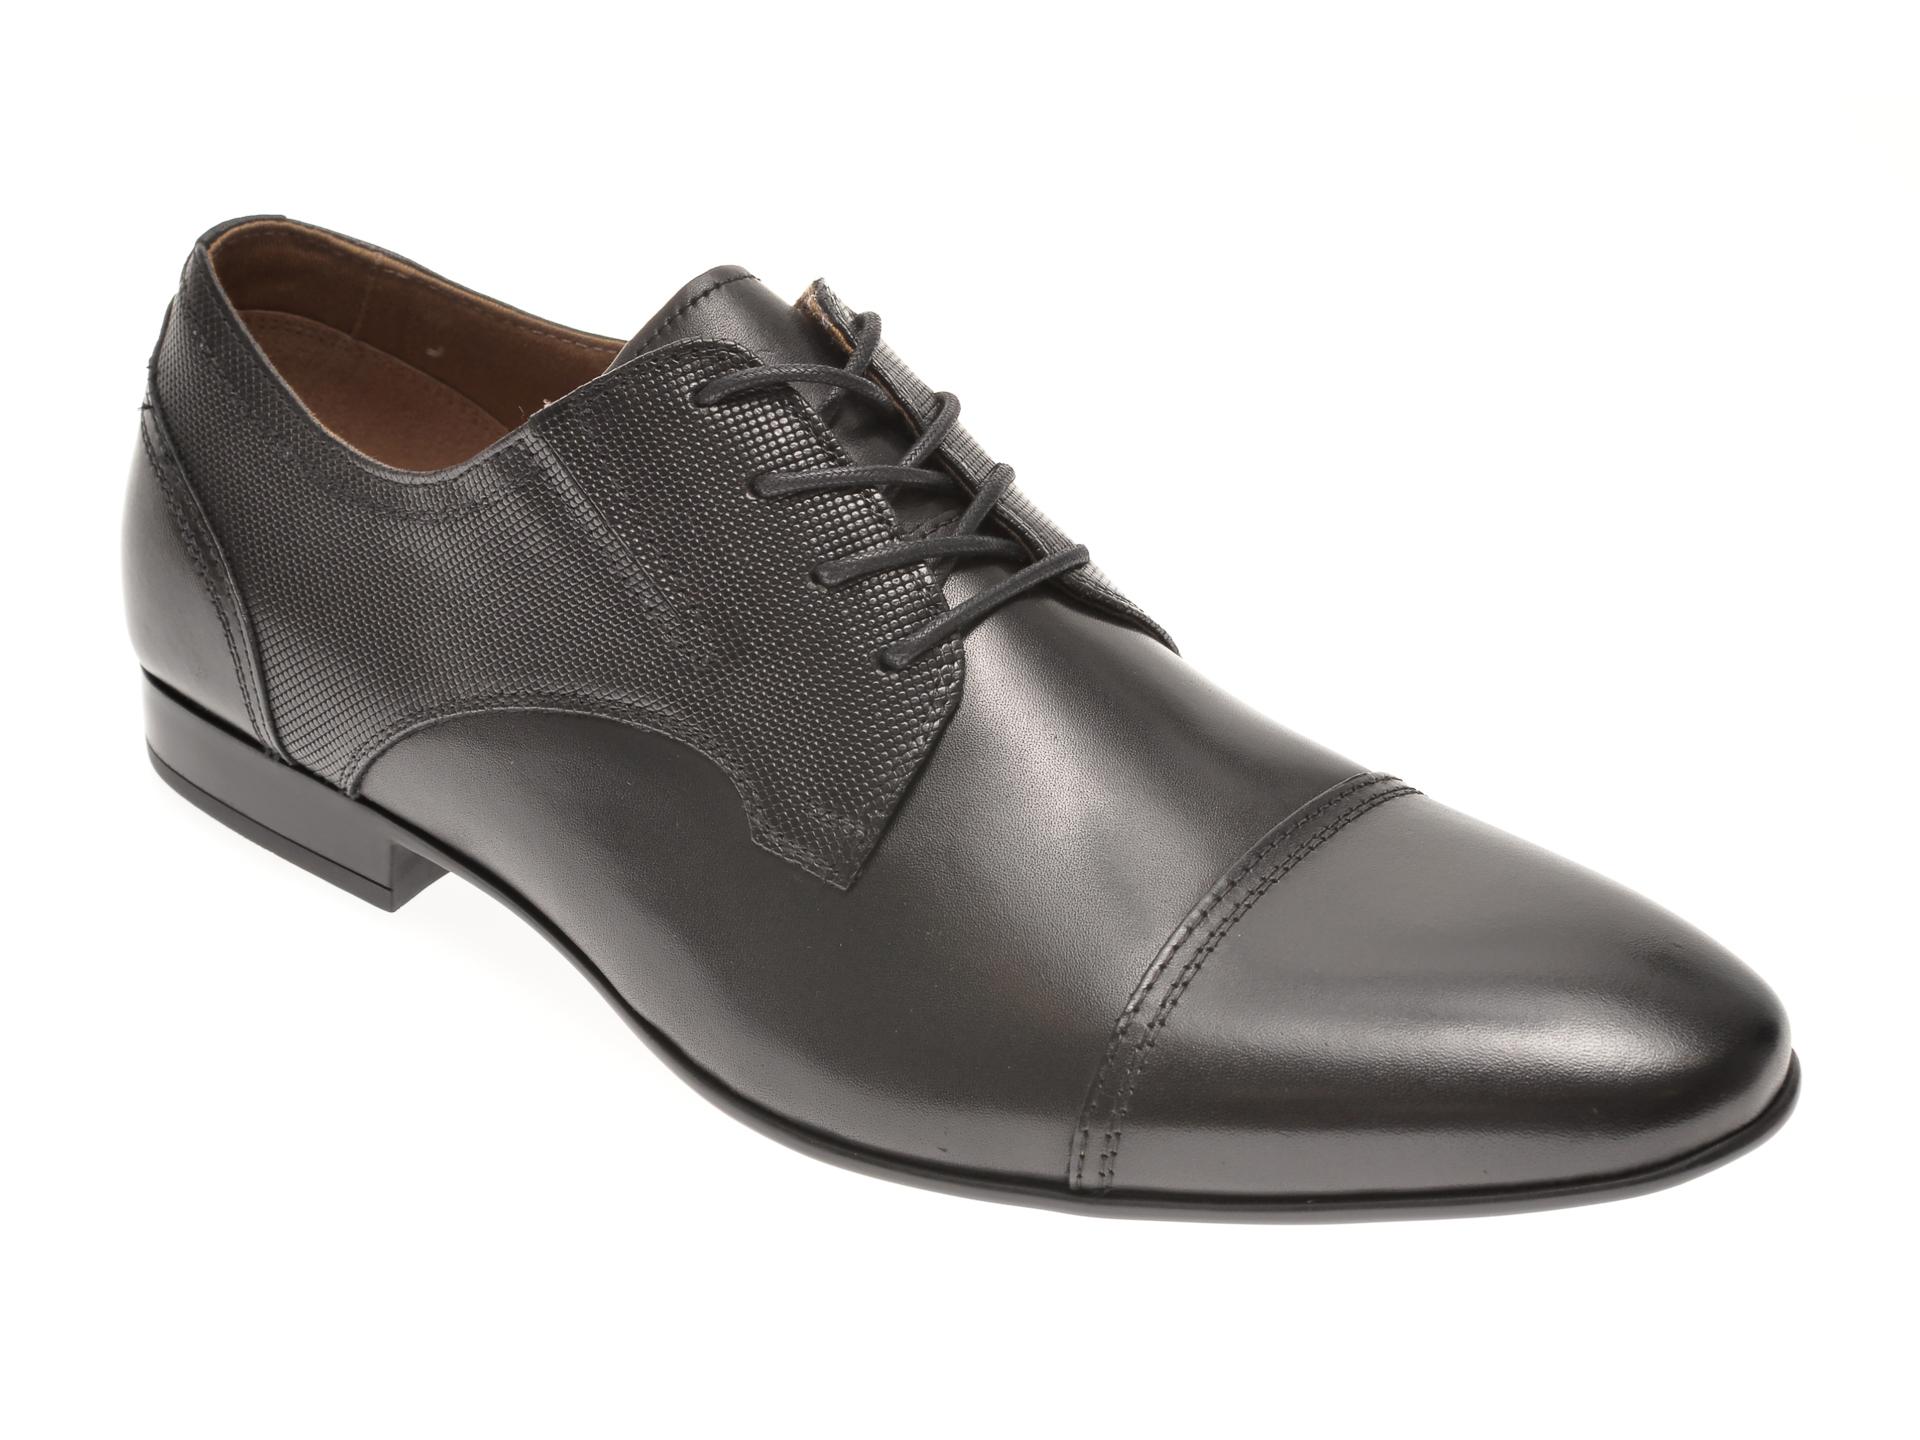 Pantofi Aldo Negri, Neustetten001, Din Piele Naturala